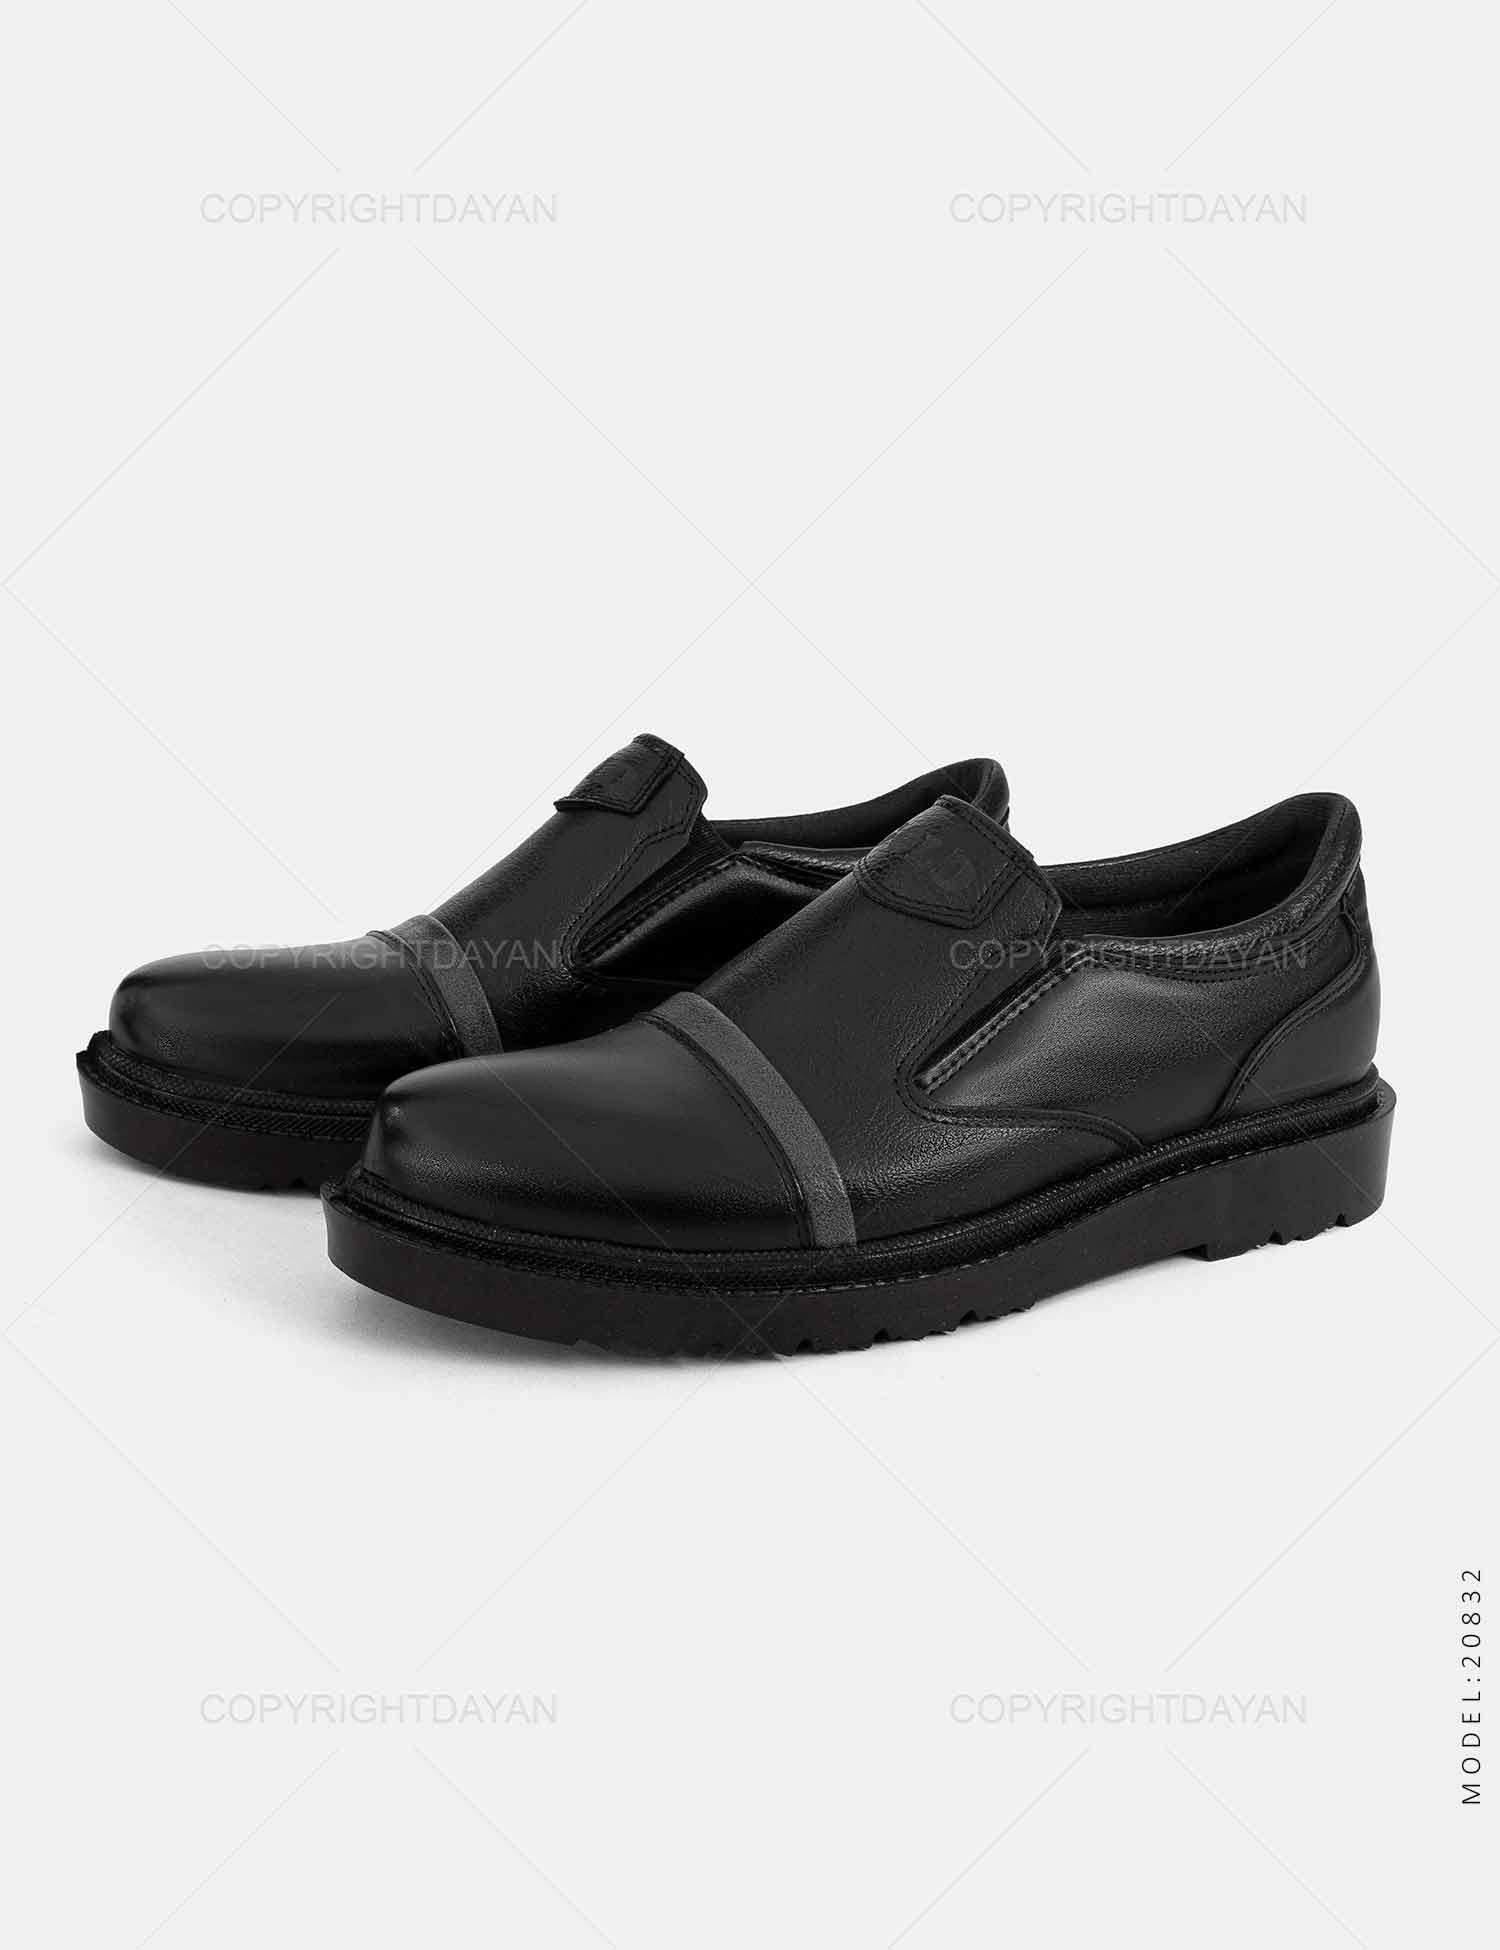 کفش رسمی مردانه Norton مدل 21552 کفش رسمی مردانه Norton مدل 21552 189,000 تومان